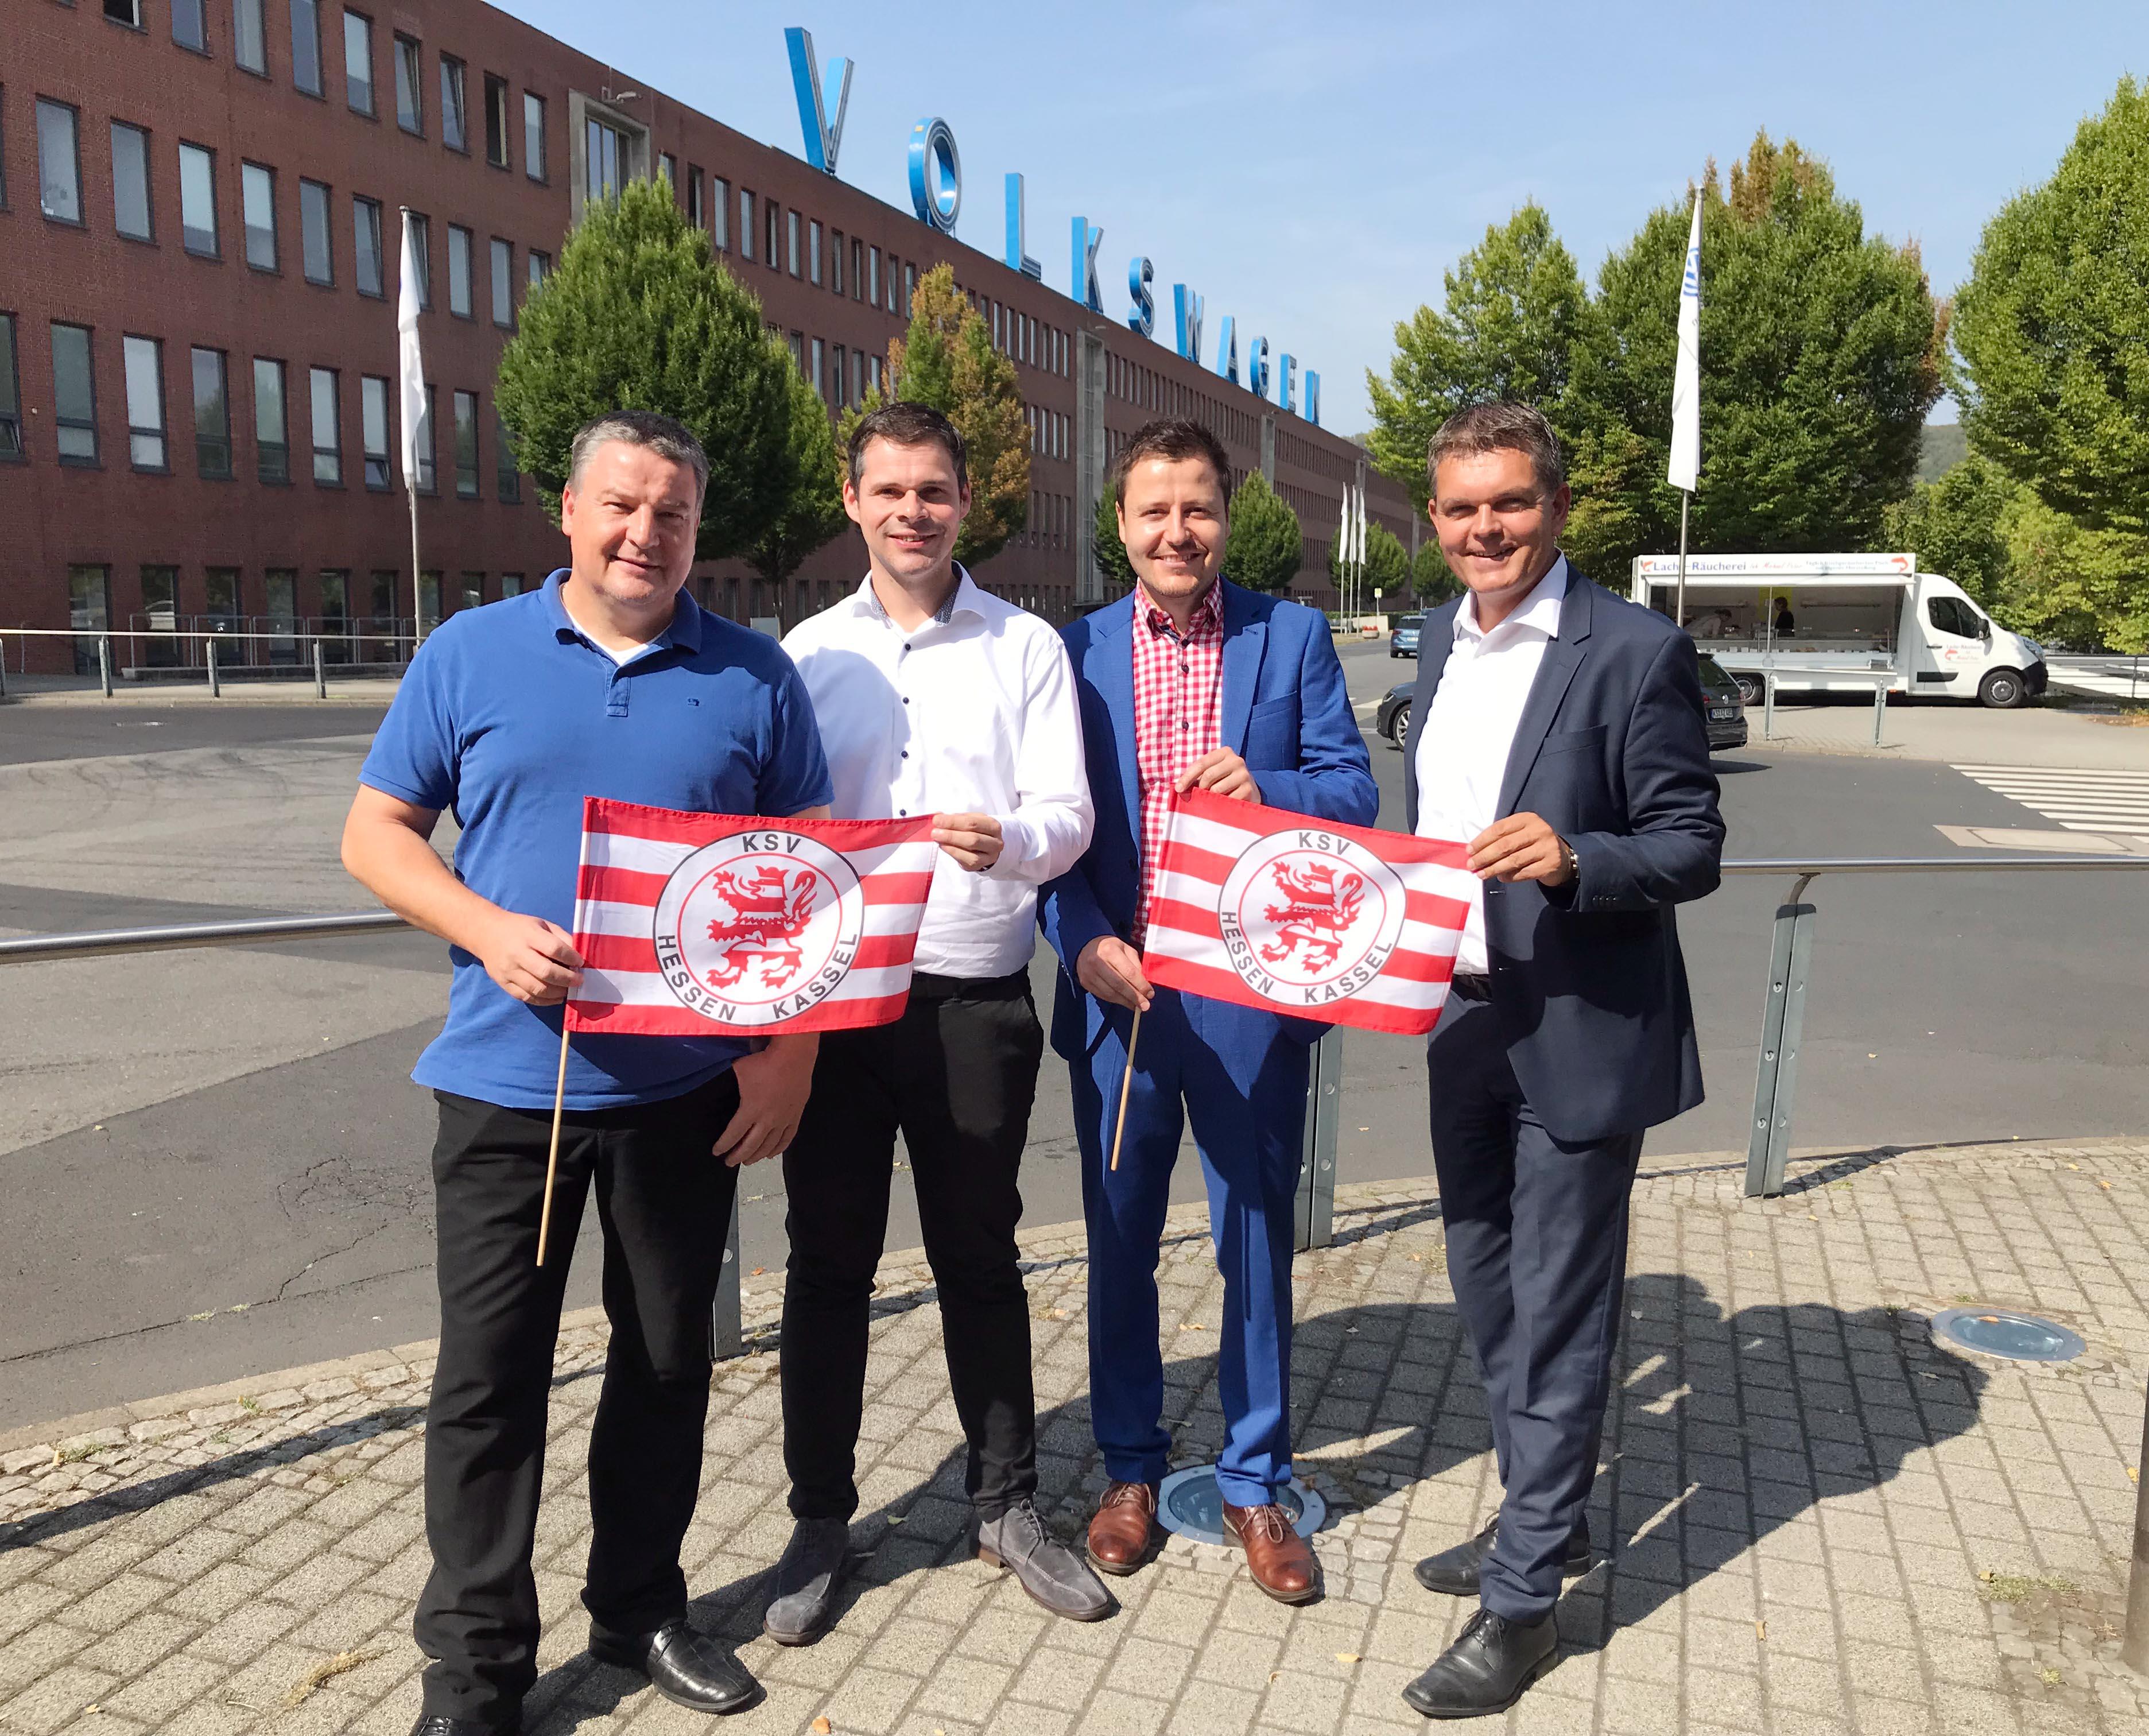 v.l.n.r.: Carsten Bätzold (VW-Betriebsratsvorsitzender), Daniel Bettermann (KSV-Marketingvorstand), Michael Krannich (KSV-Geschäftsführer), Heiko Hillwig (Leitung Kommunikation VW Kassel).